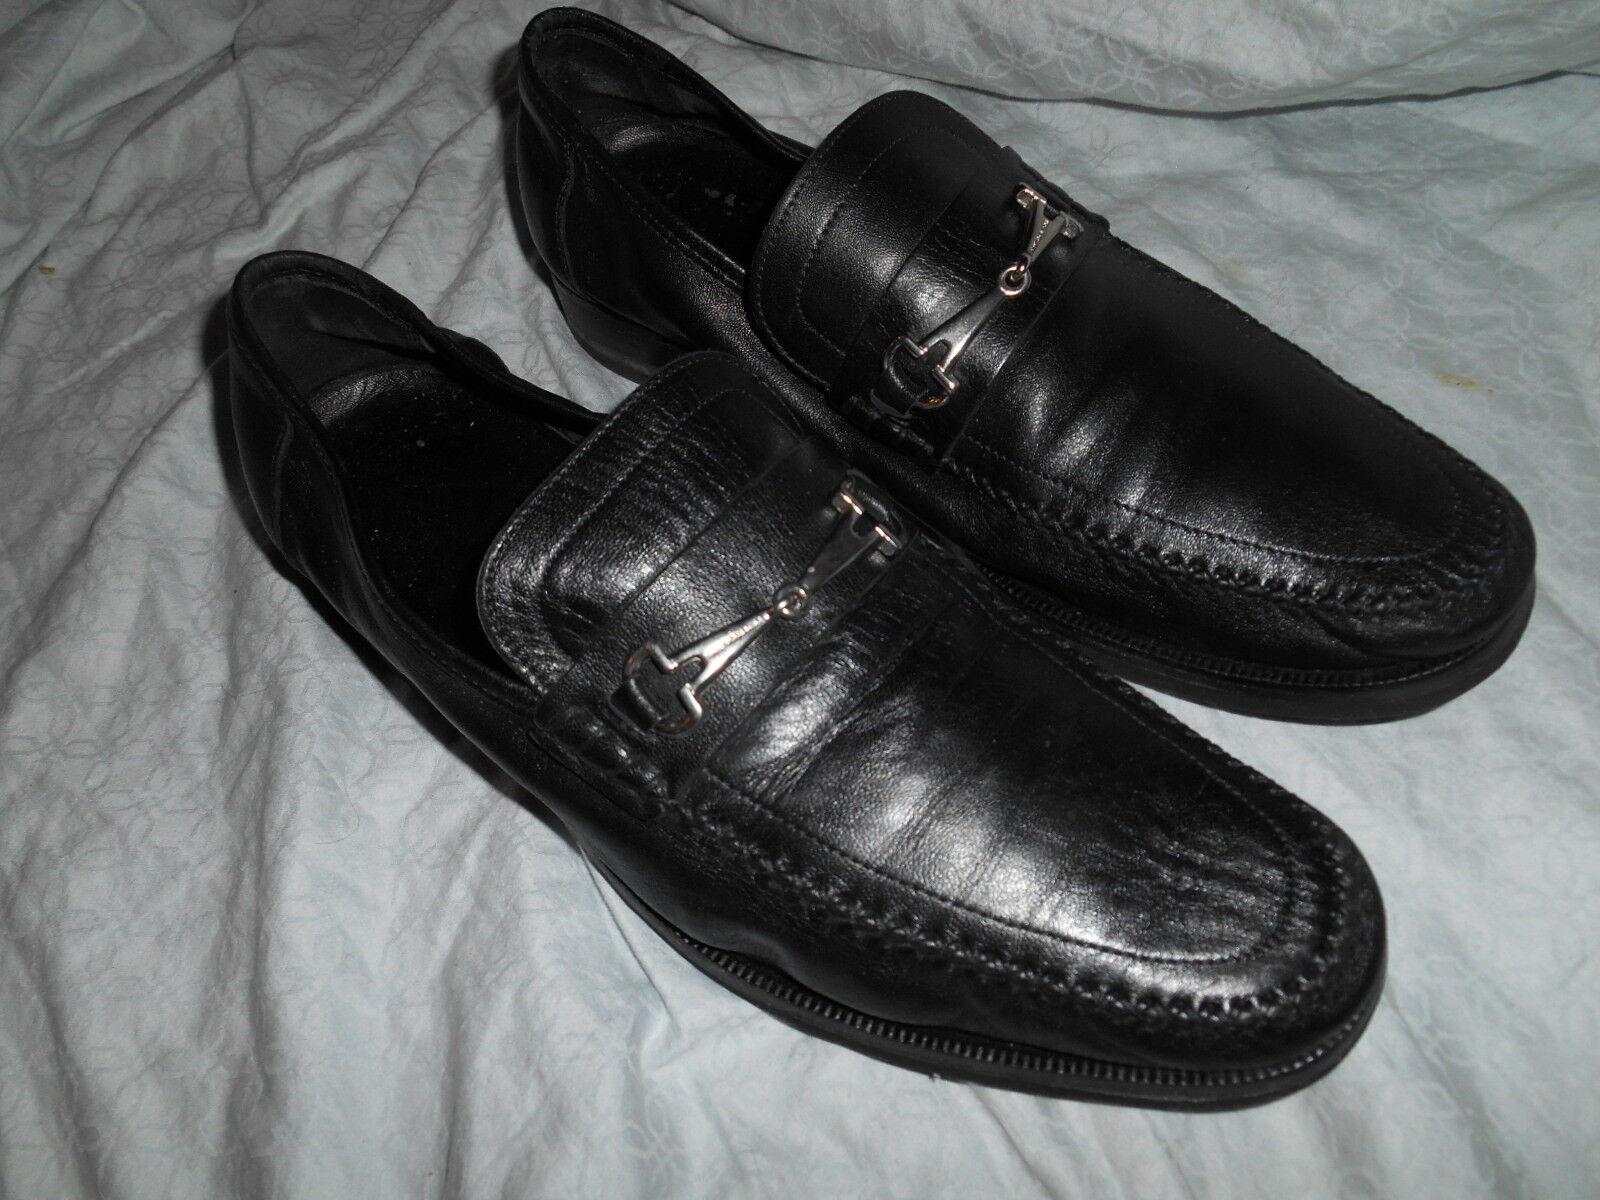 BcourirO MAGLI Noir Souple Cuir Mocassin Chaussures Taille 11 M douceHommest porté d'Italie.